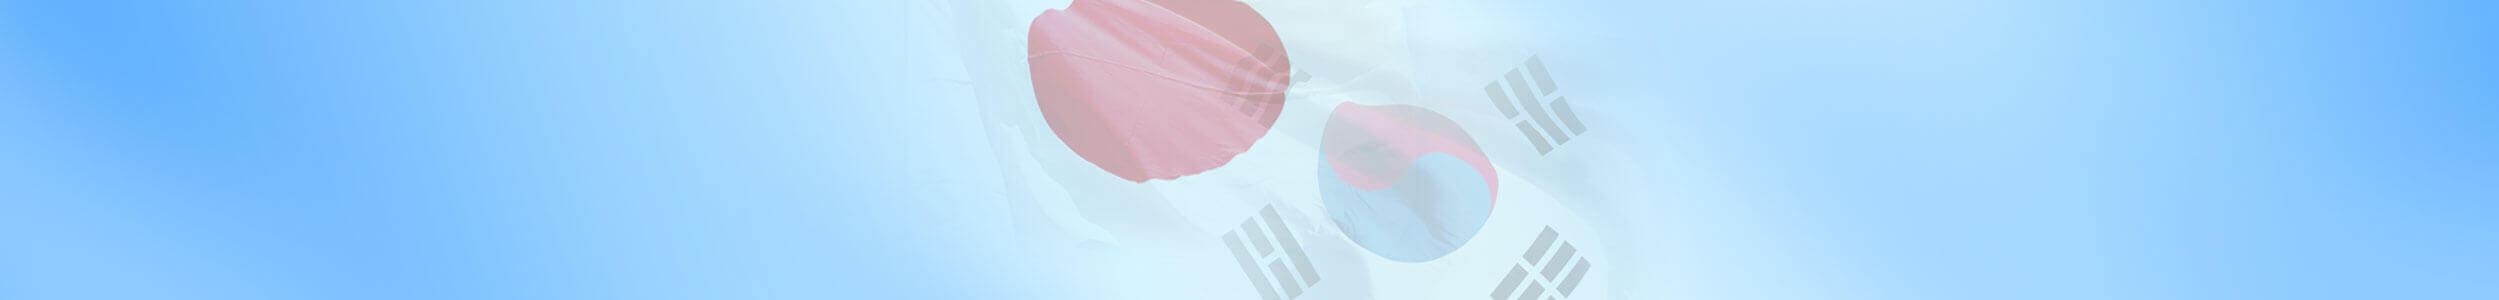 從經濟延燒到軍事 牽動東北亞局勢 日韓貿易戰8大重點一次看懂封面